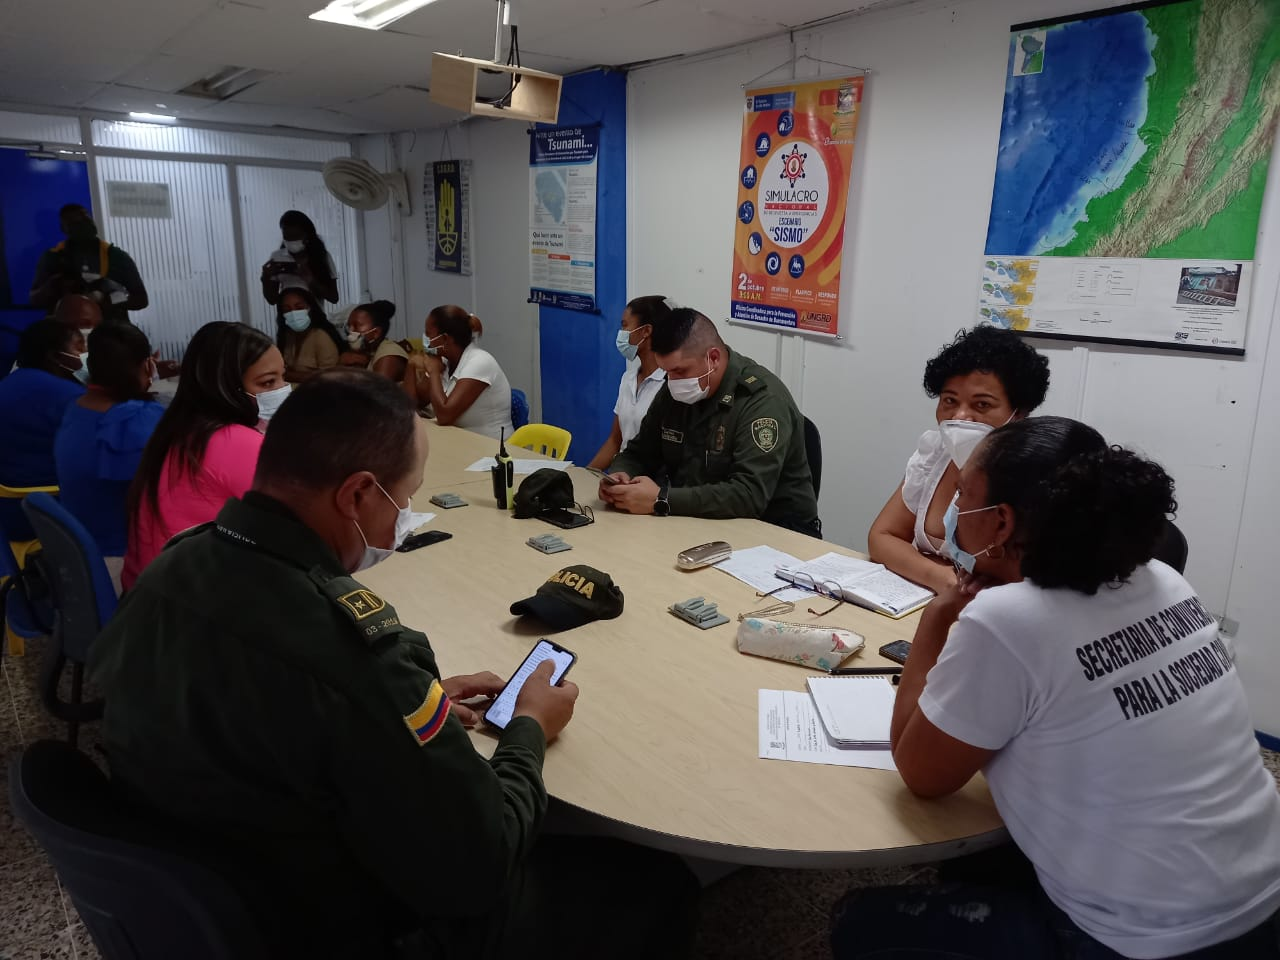 En Comité de Orden Público se aprobó Plan Integral de Seguridad y Convivencia Ciudadana para Buenaventura | Noticias de Buenaventura, Colombia y el Mundo